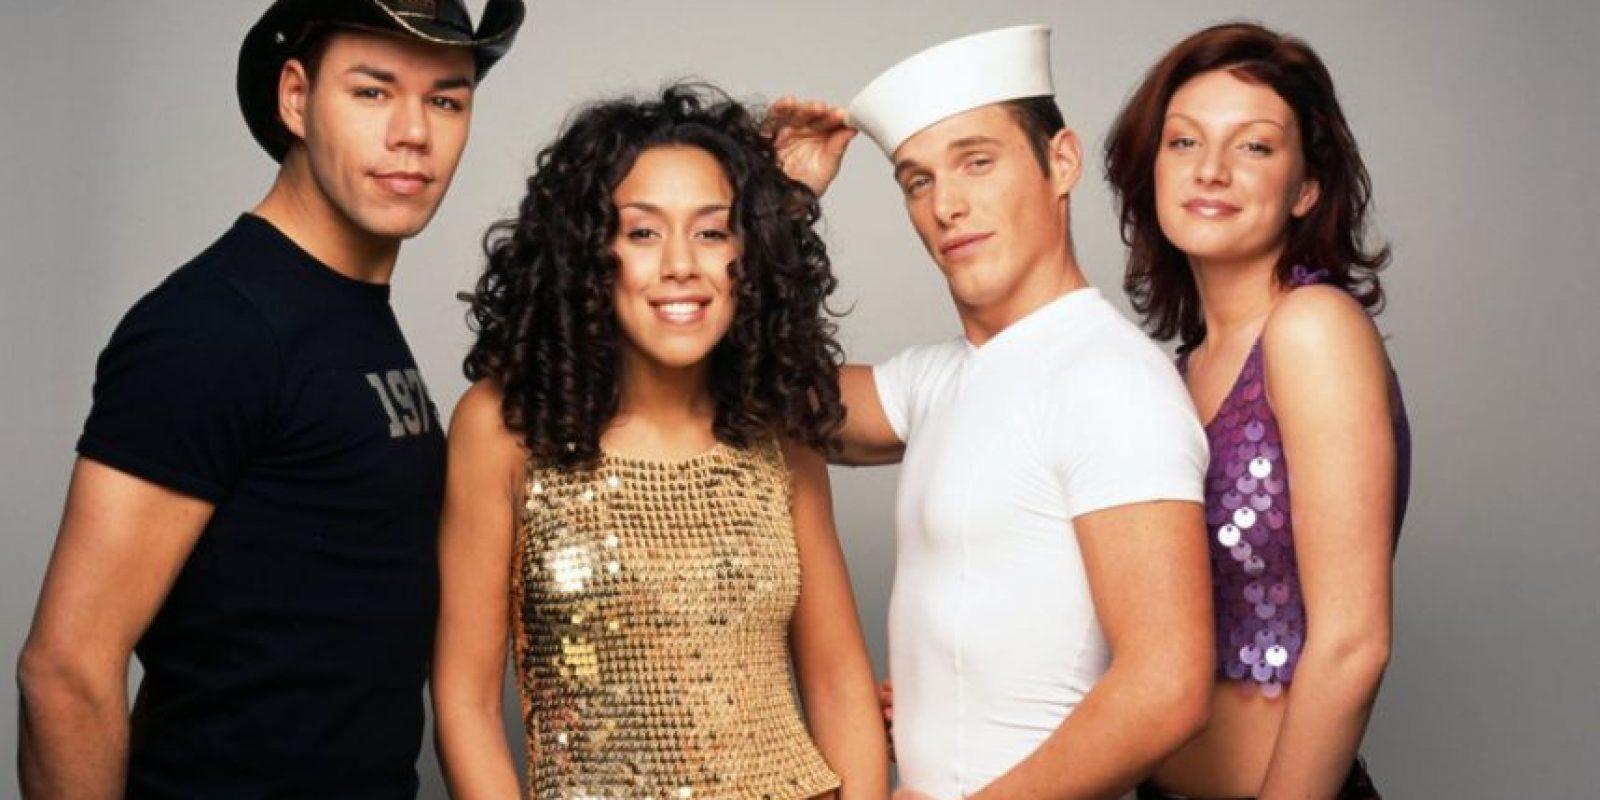 """Esta banda holandesa de música electrónica se hizo famosa hace 15 años por éxitos como """"We Like To Party"""" y """"Boom"""". Foto:vía Coveralia"""